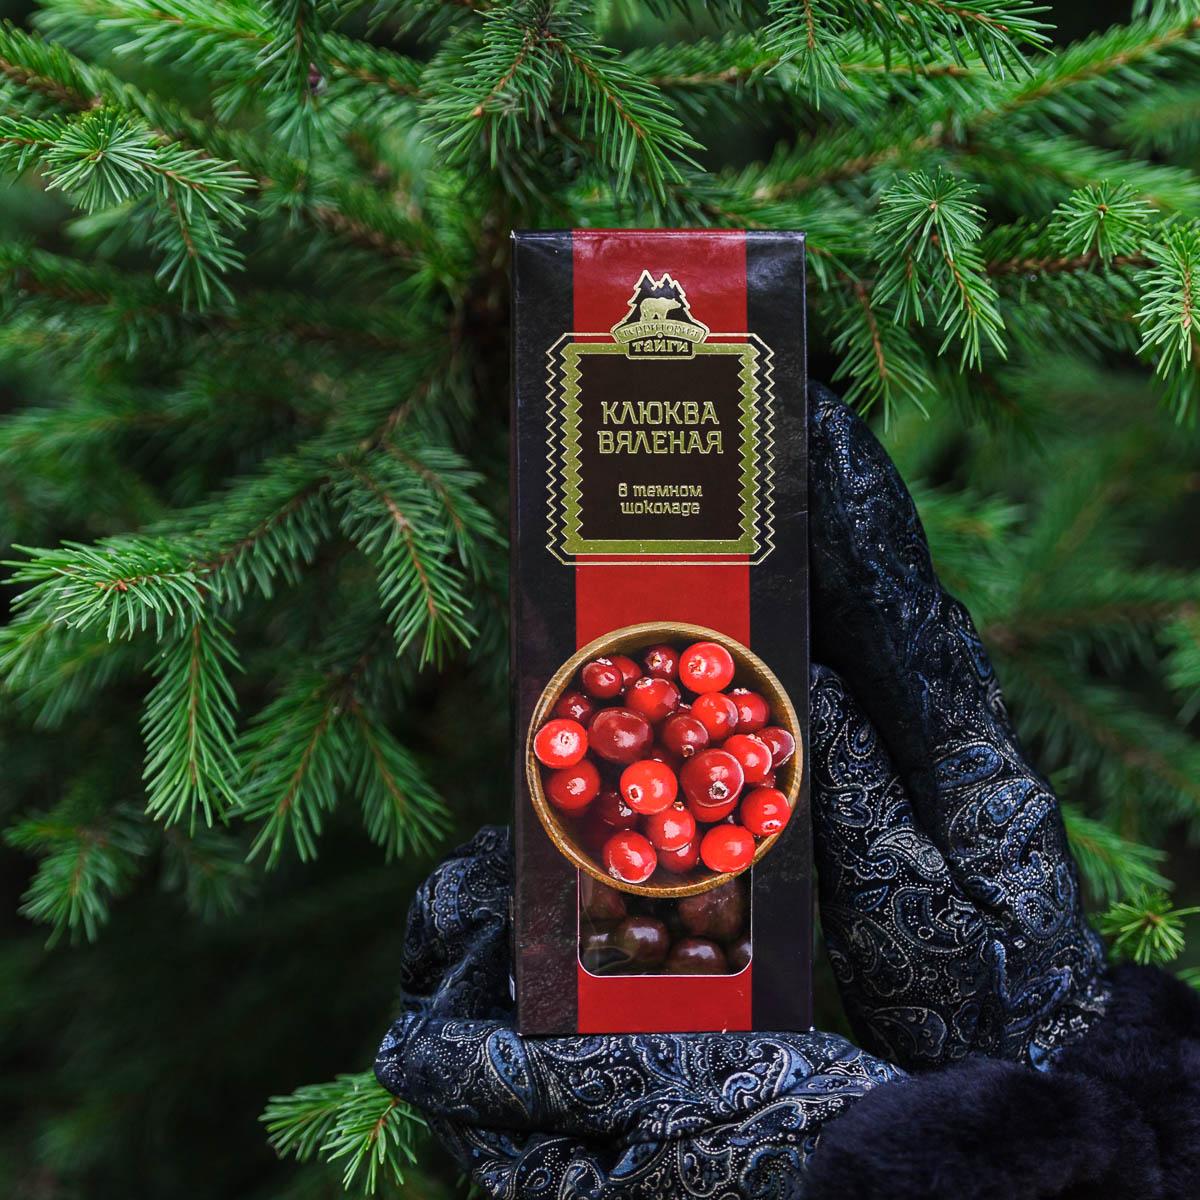 Клюква вяленая в тёмном шоколаде 100 гр